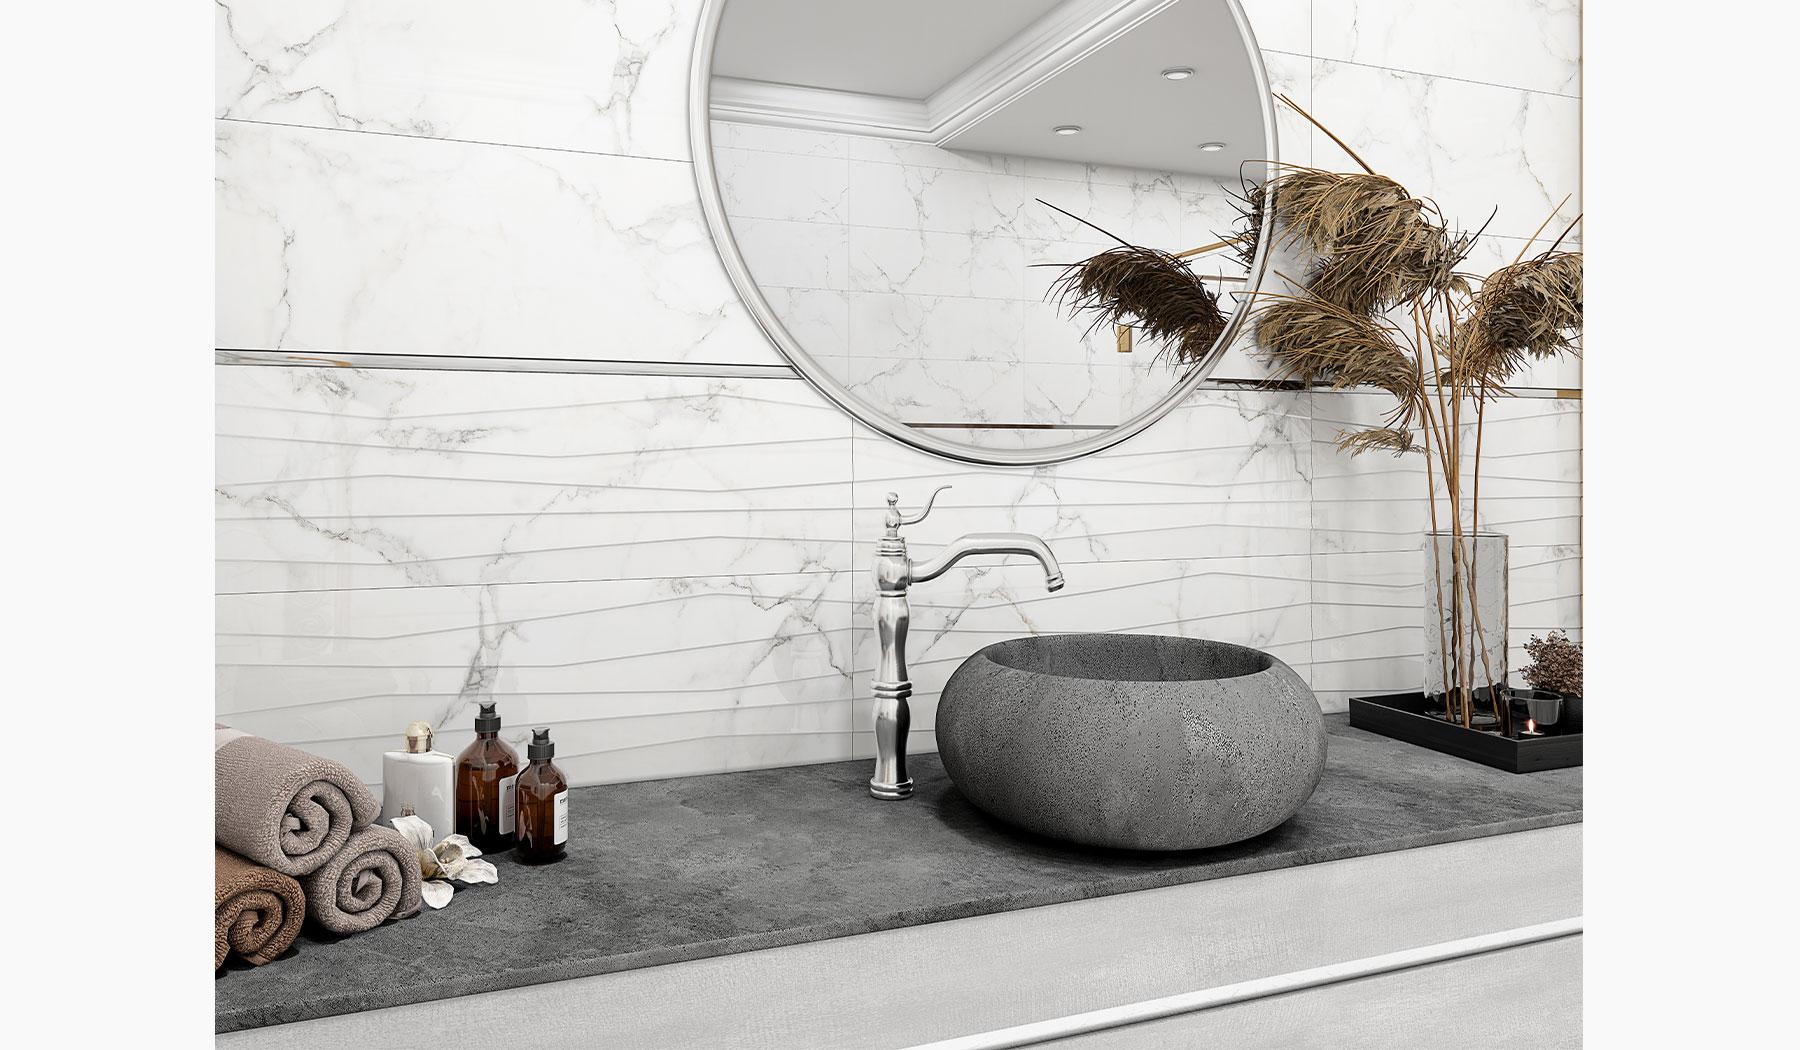 کاشی و سرامیک بوم سرامیک ، کاشی دیوار طرح شایلین سفید سایز 30*90 لعاب براق پانچ با زمینه سنگ